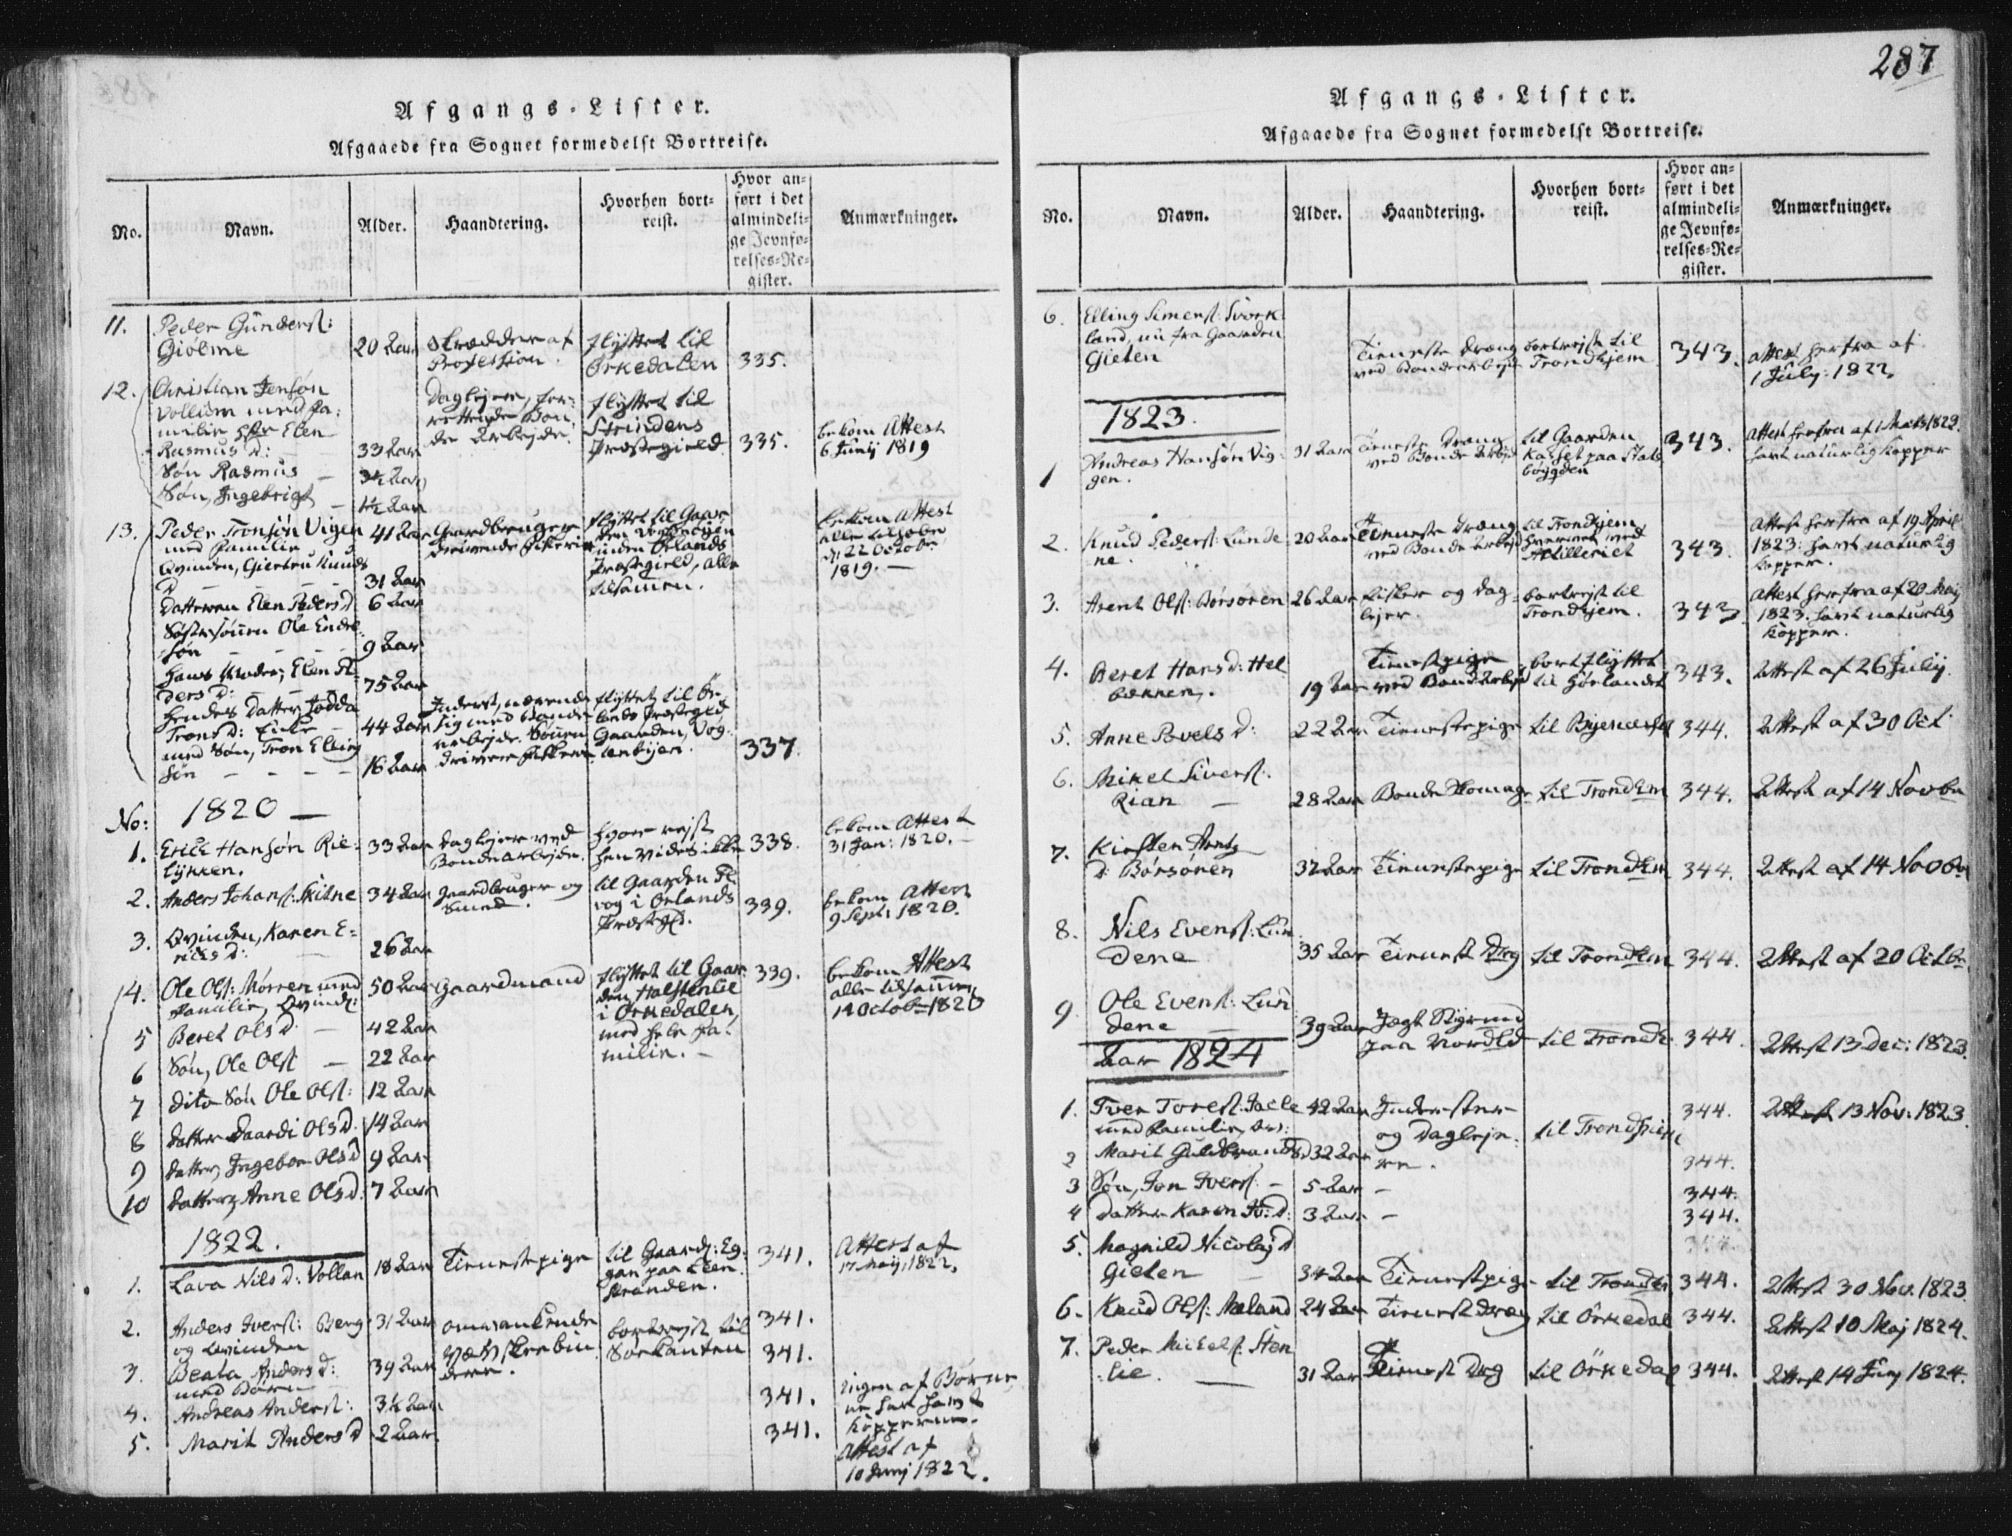 SAT, Ministerialprotokoller, klokkerbøker og fødselsregistre - Sør-Trøndelag, 665/L0770: Ministerialbok nr. 665A05, 1817-1829, s. 287